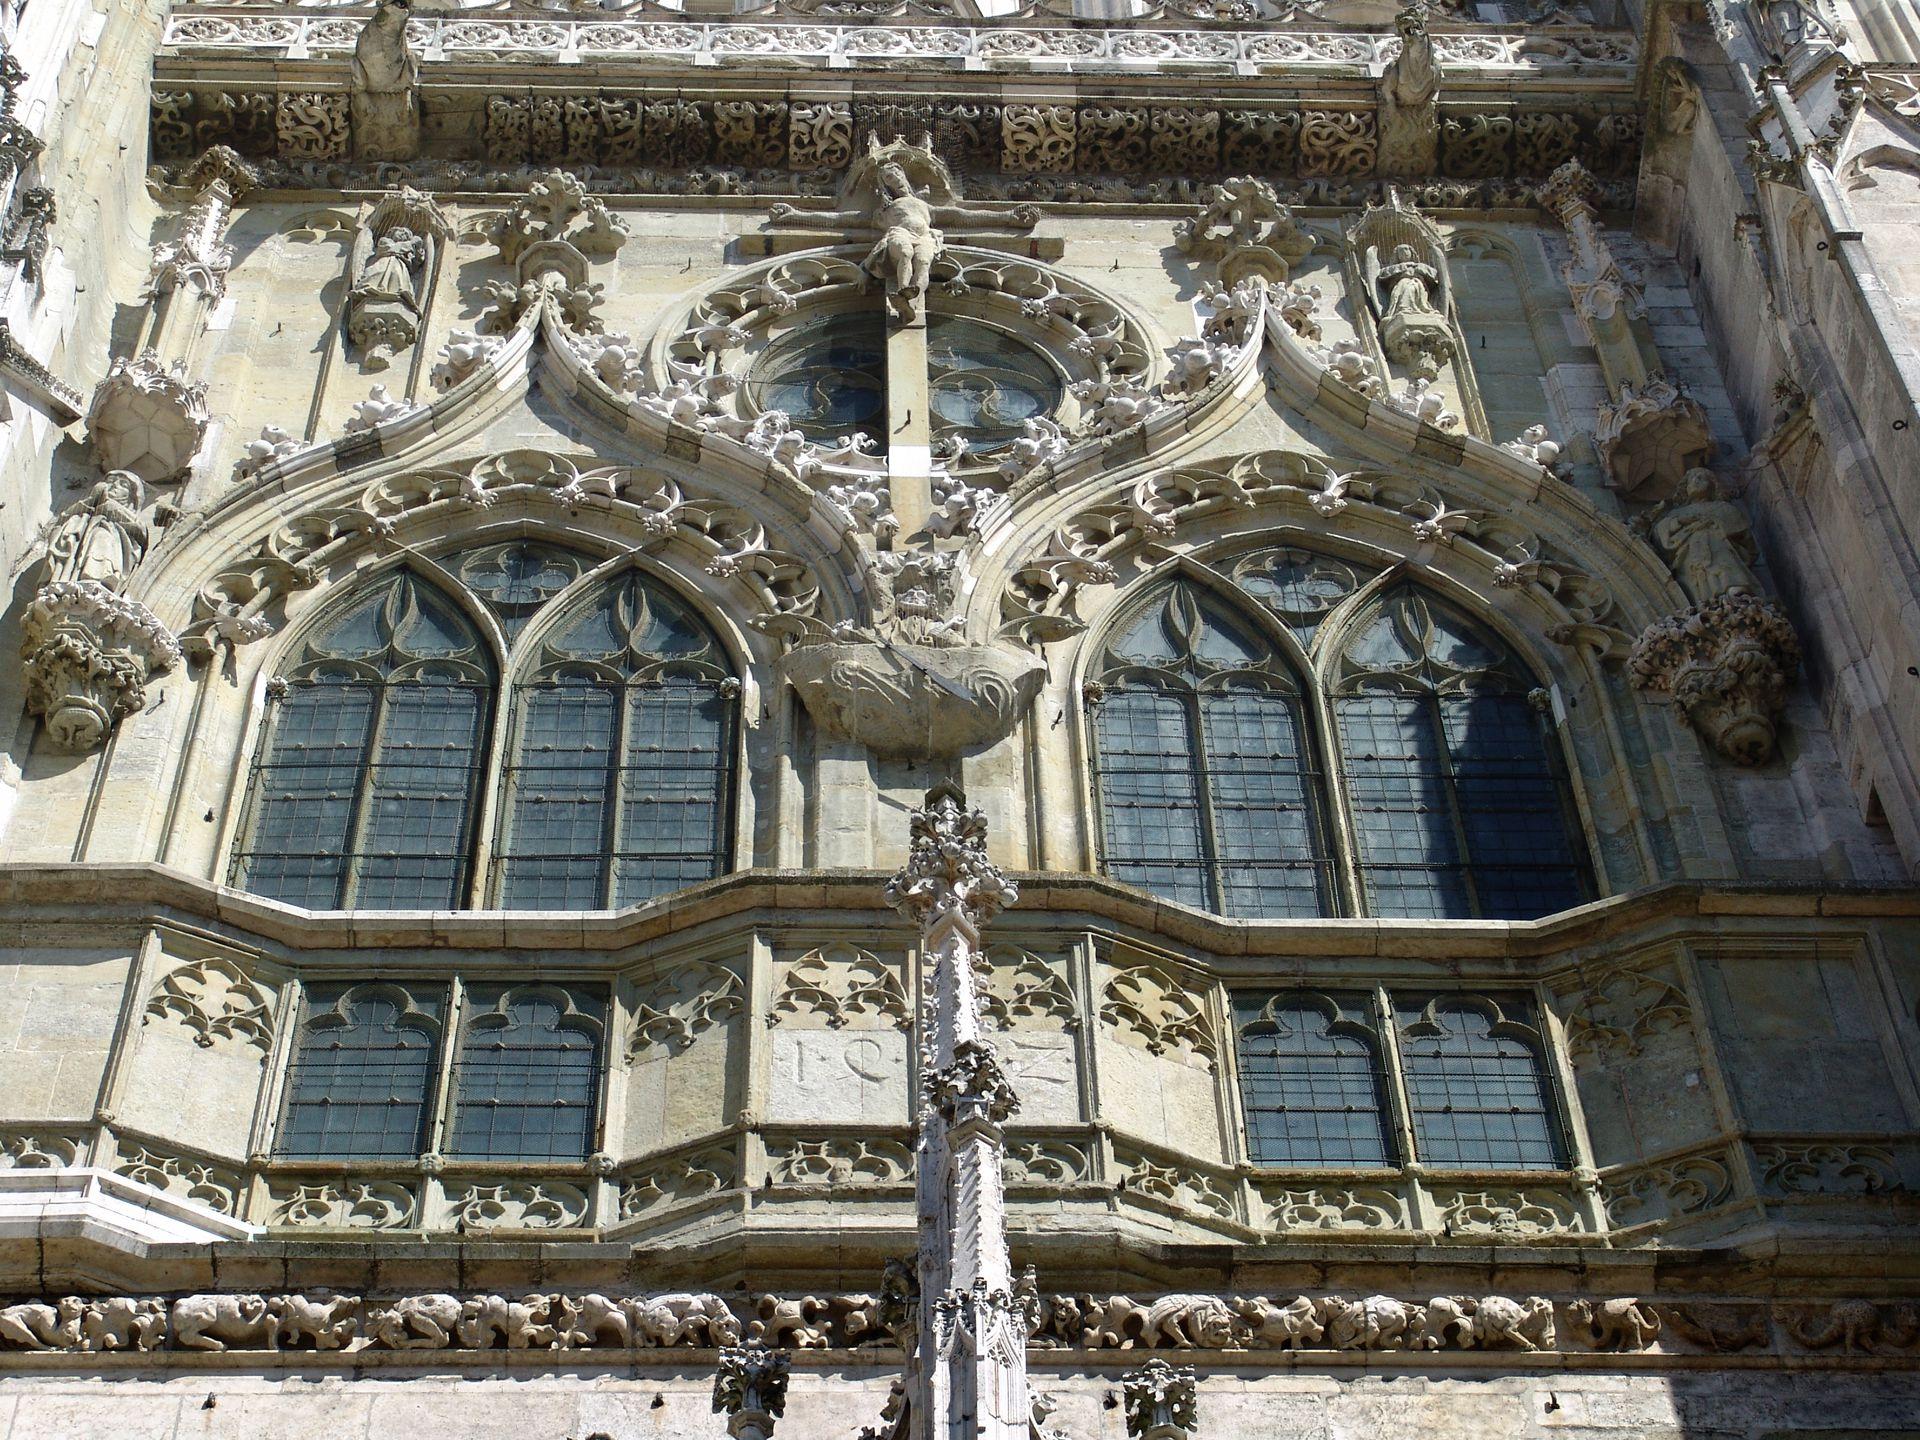 Obergeschoss der Mittelachse am Regensburger Dom Obergeschoss der Mittelachse, aus der Froschperspektive